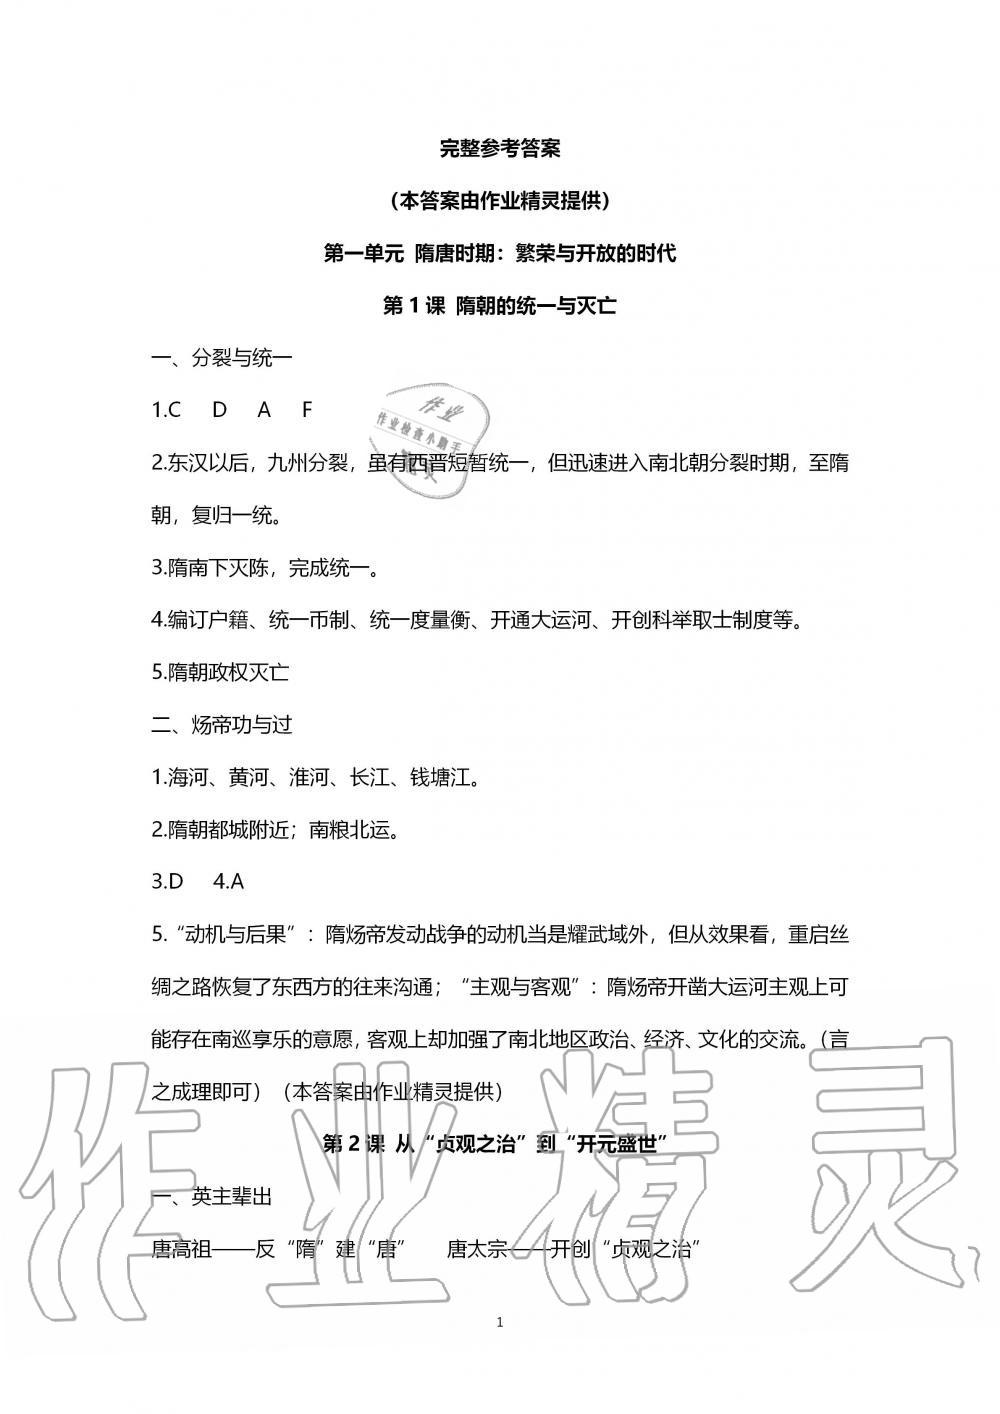 2020年中国历史练习部分六年级第二册人教版五四制第1页